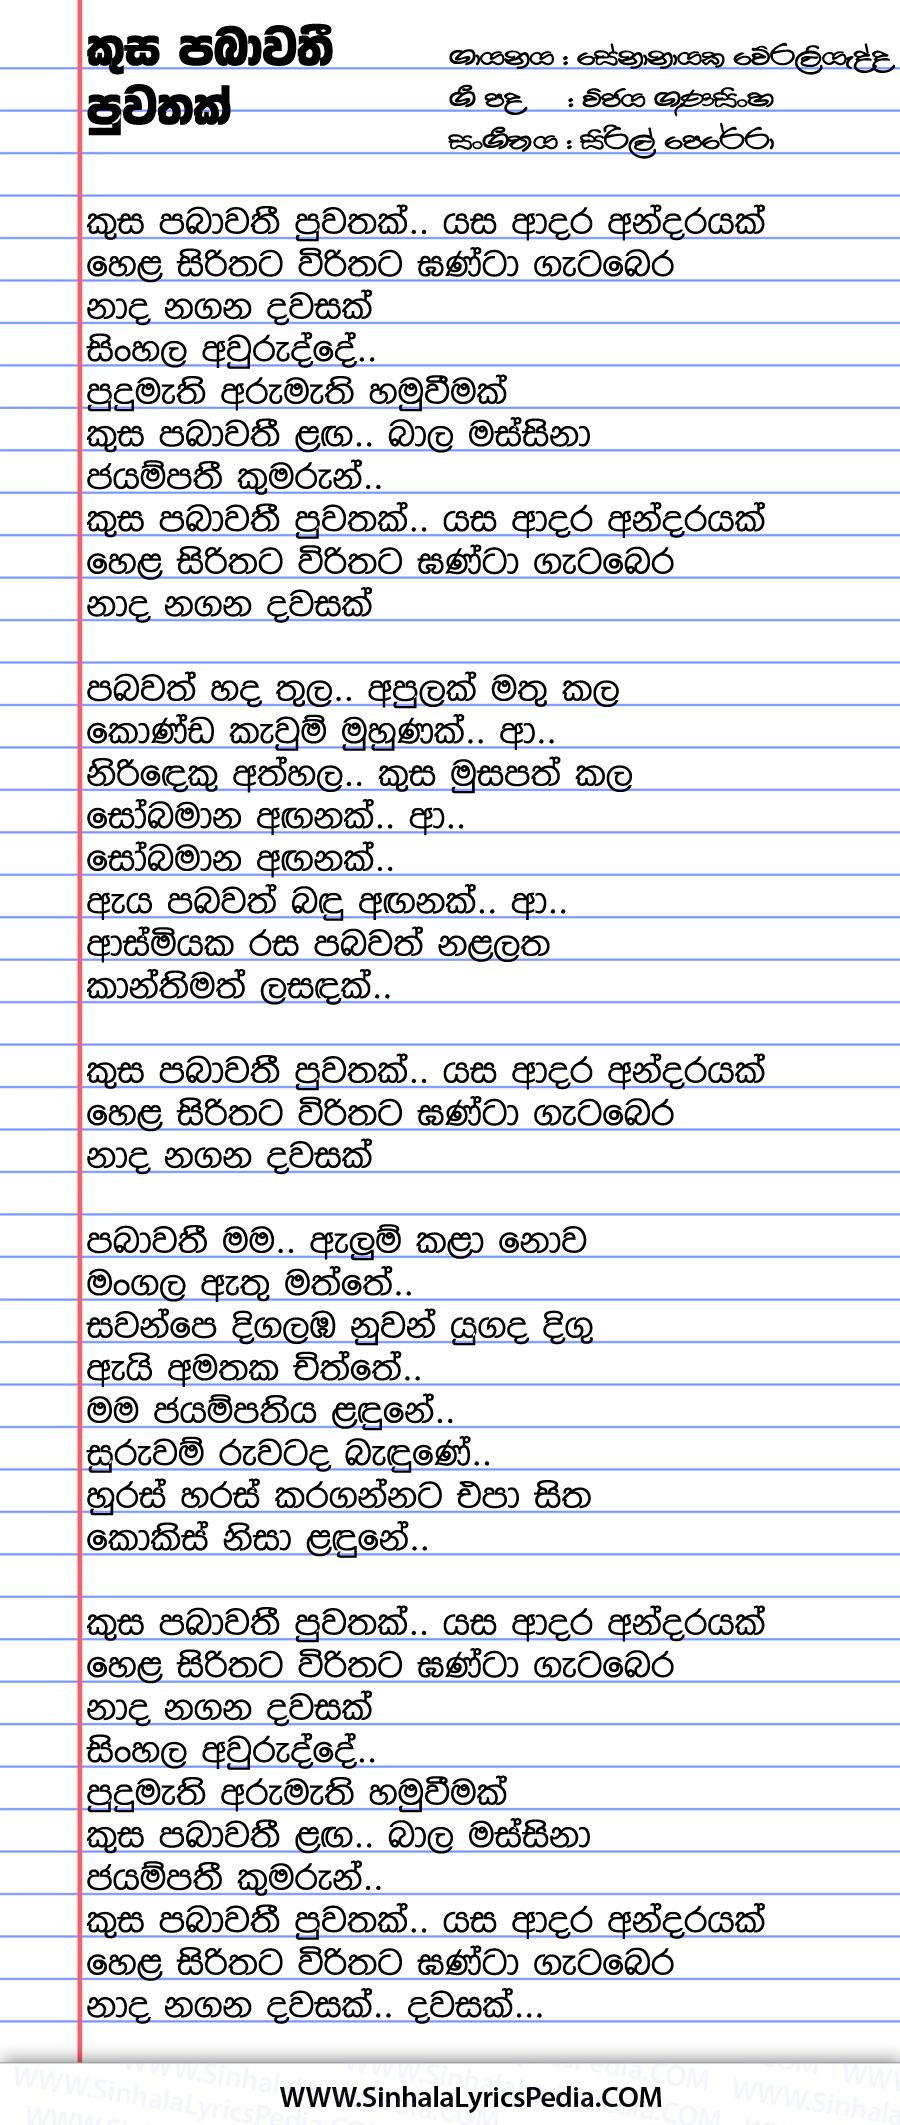 Kusa Pabawathi Puwathak Song Lyrics